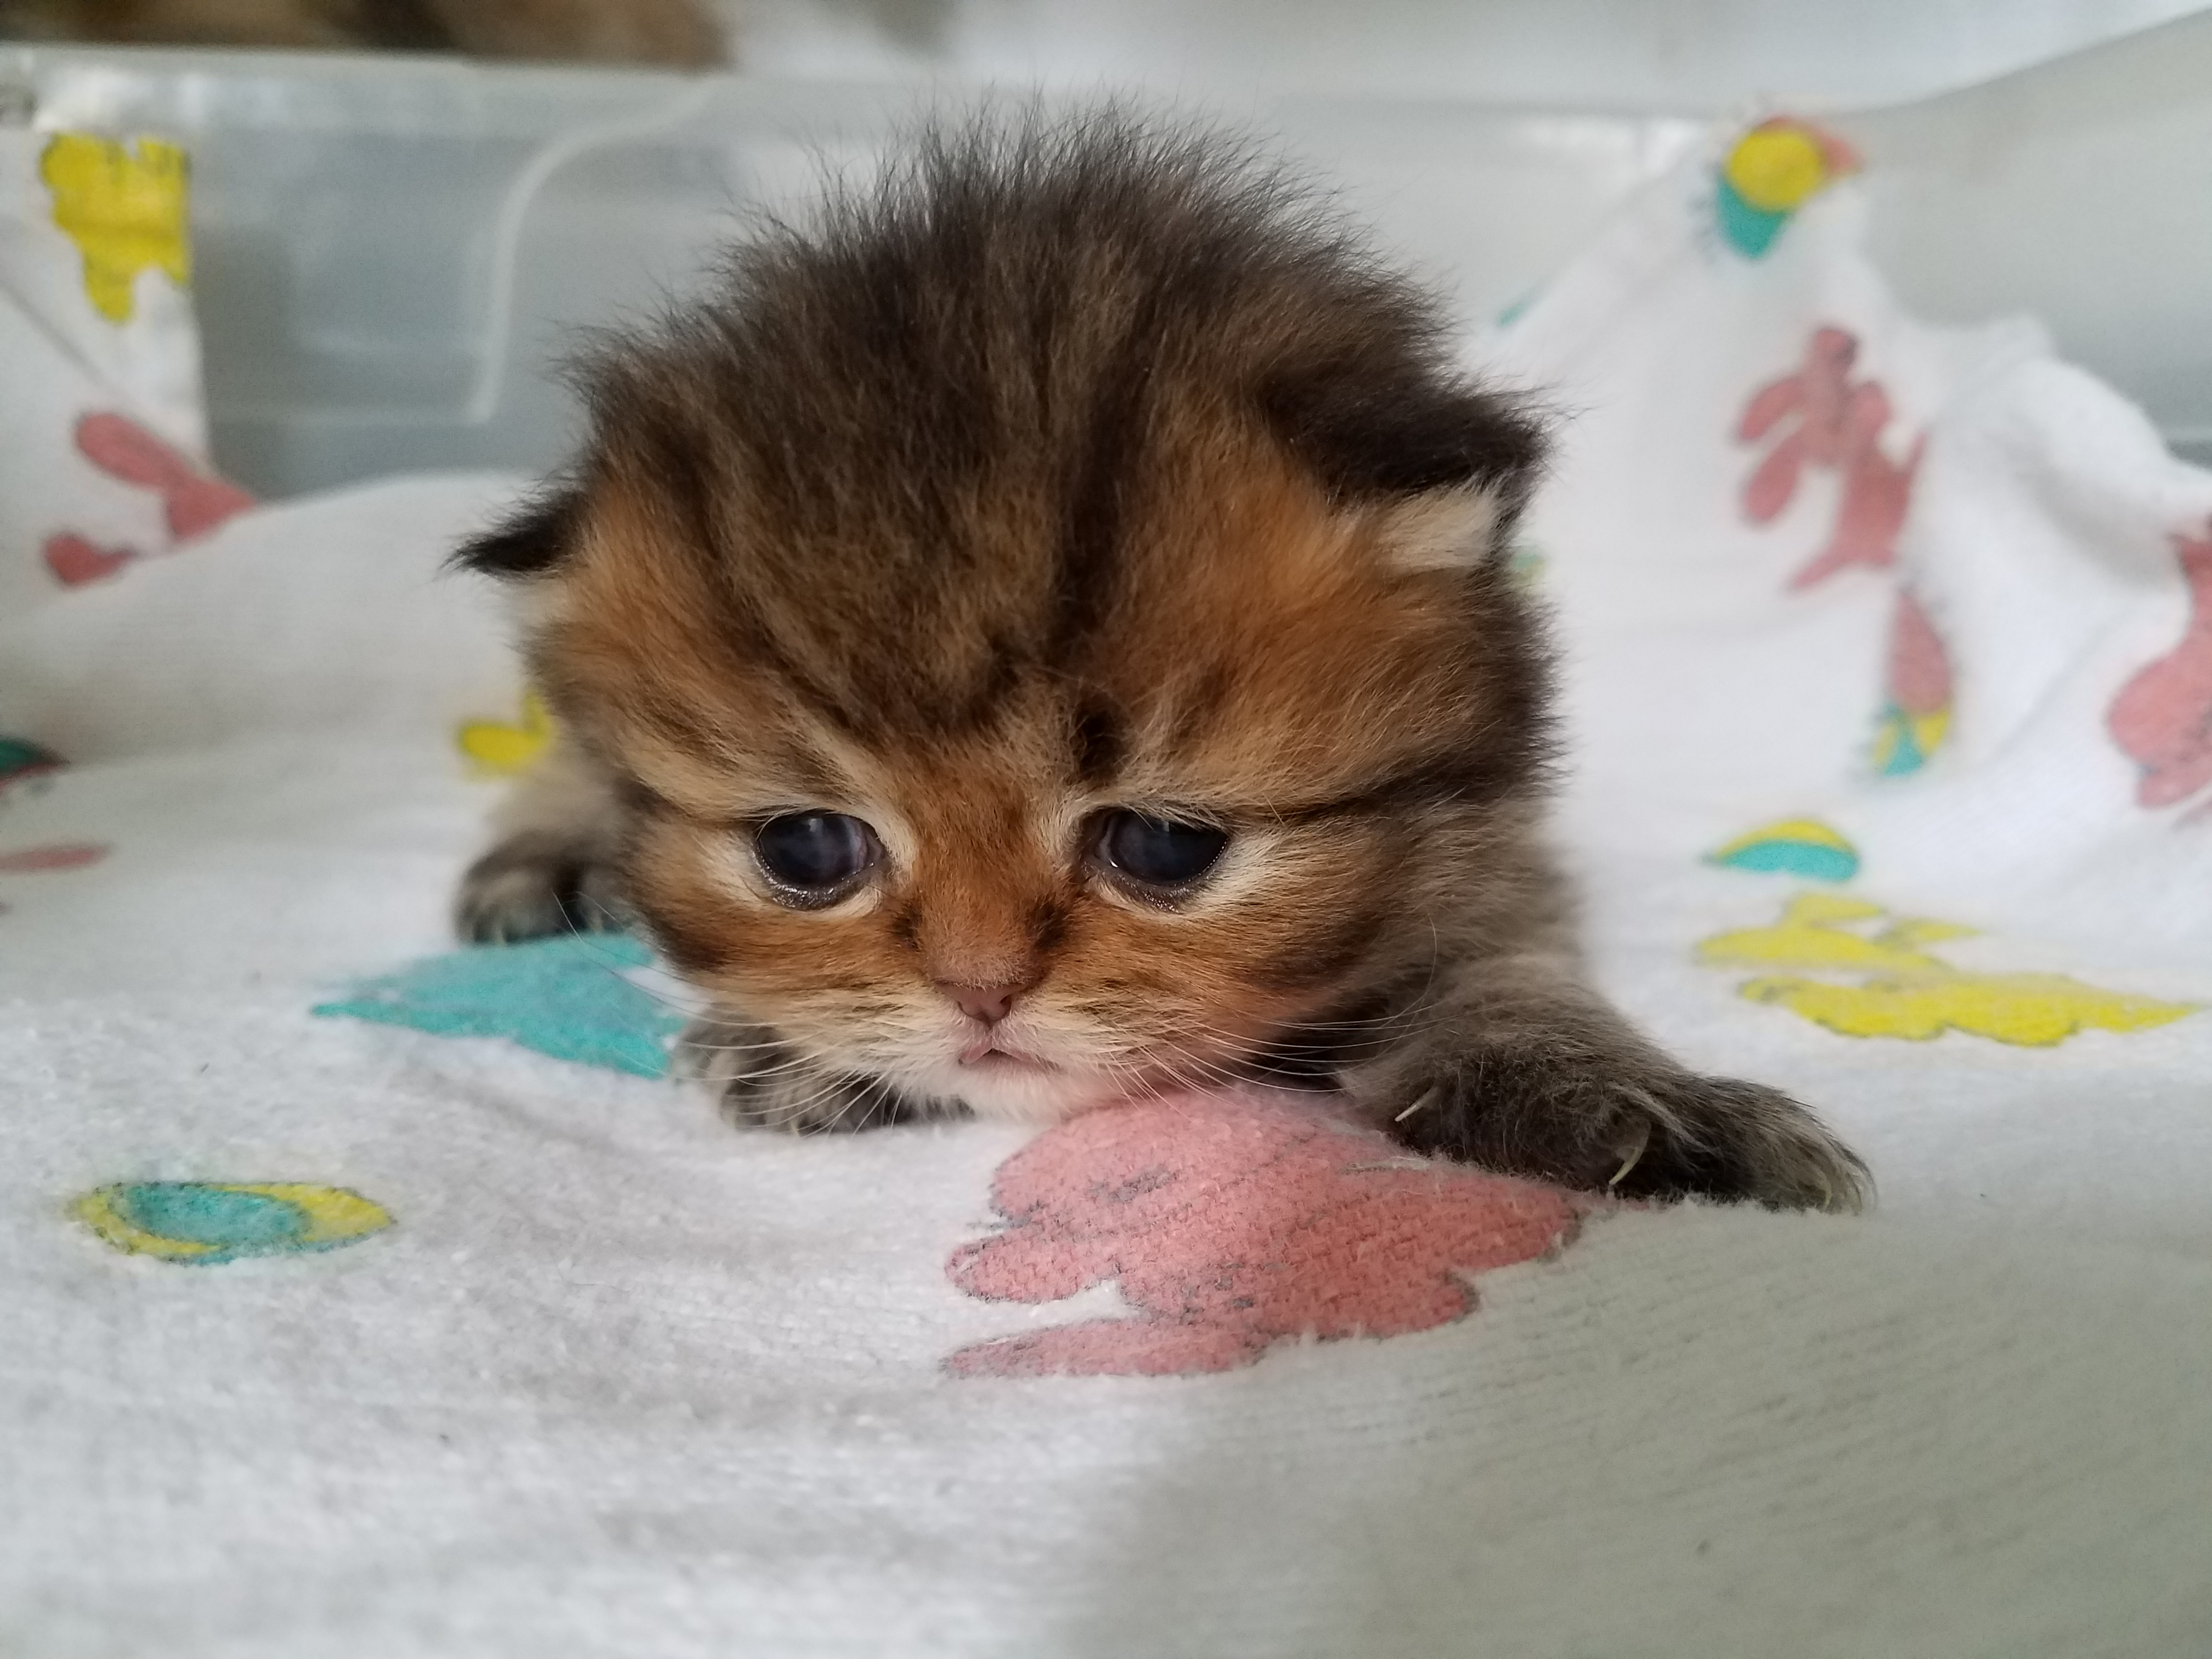 Baby Persian Kittens